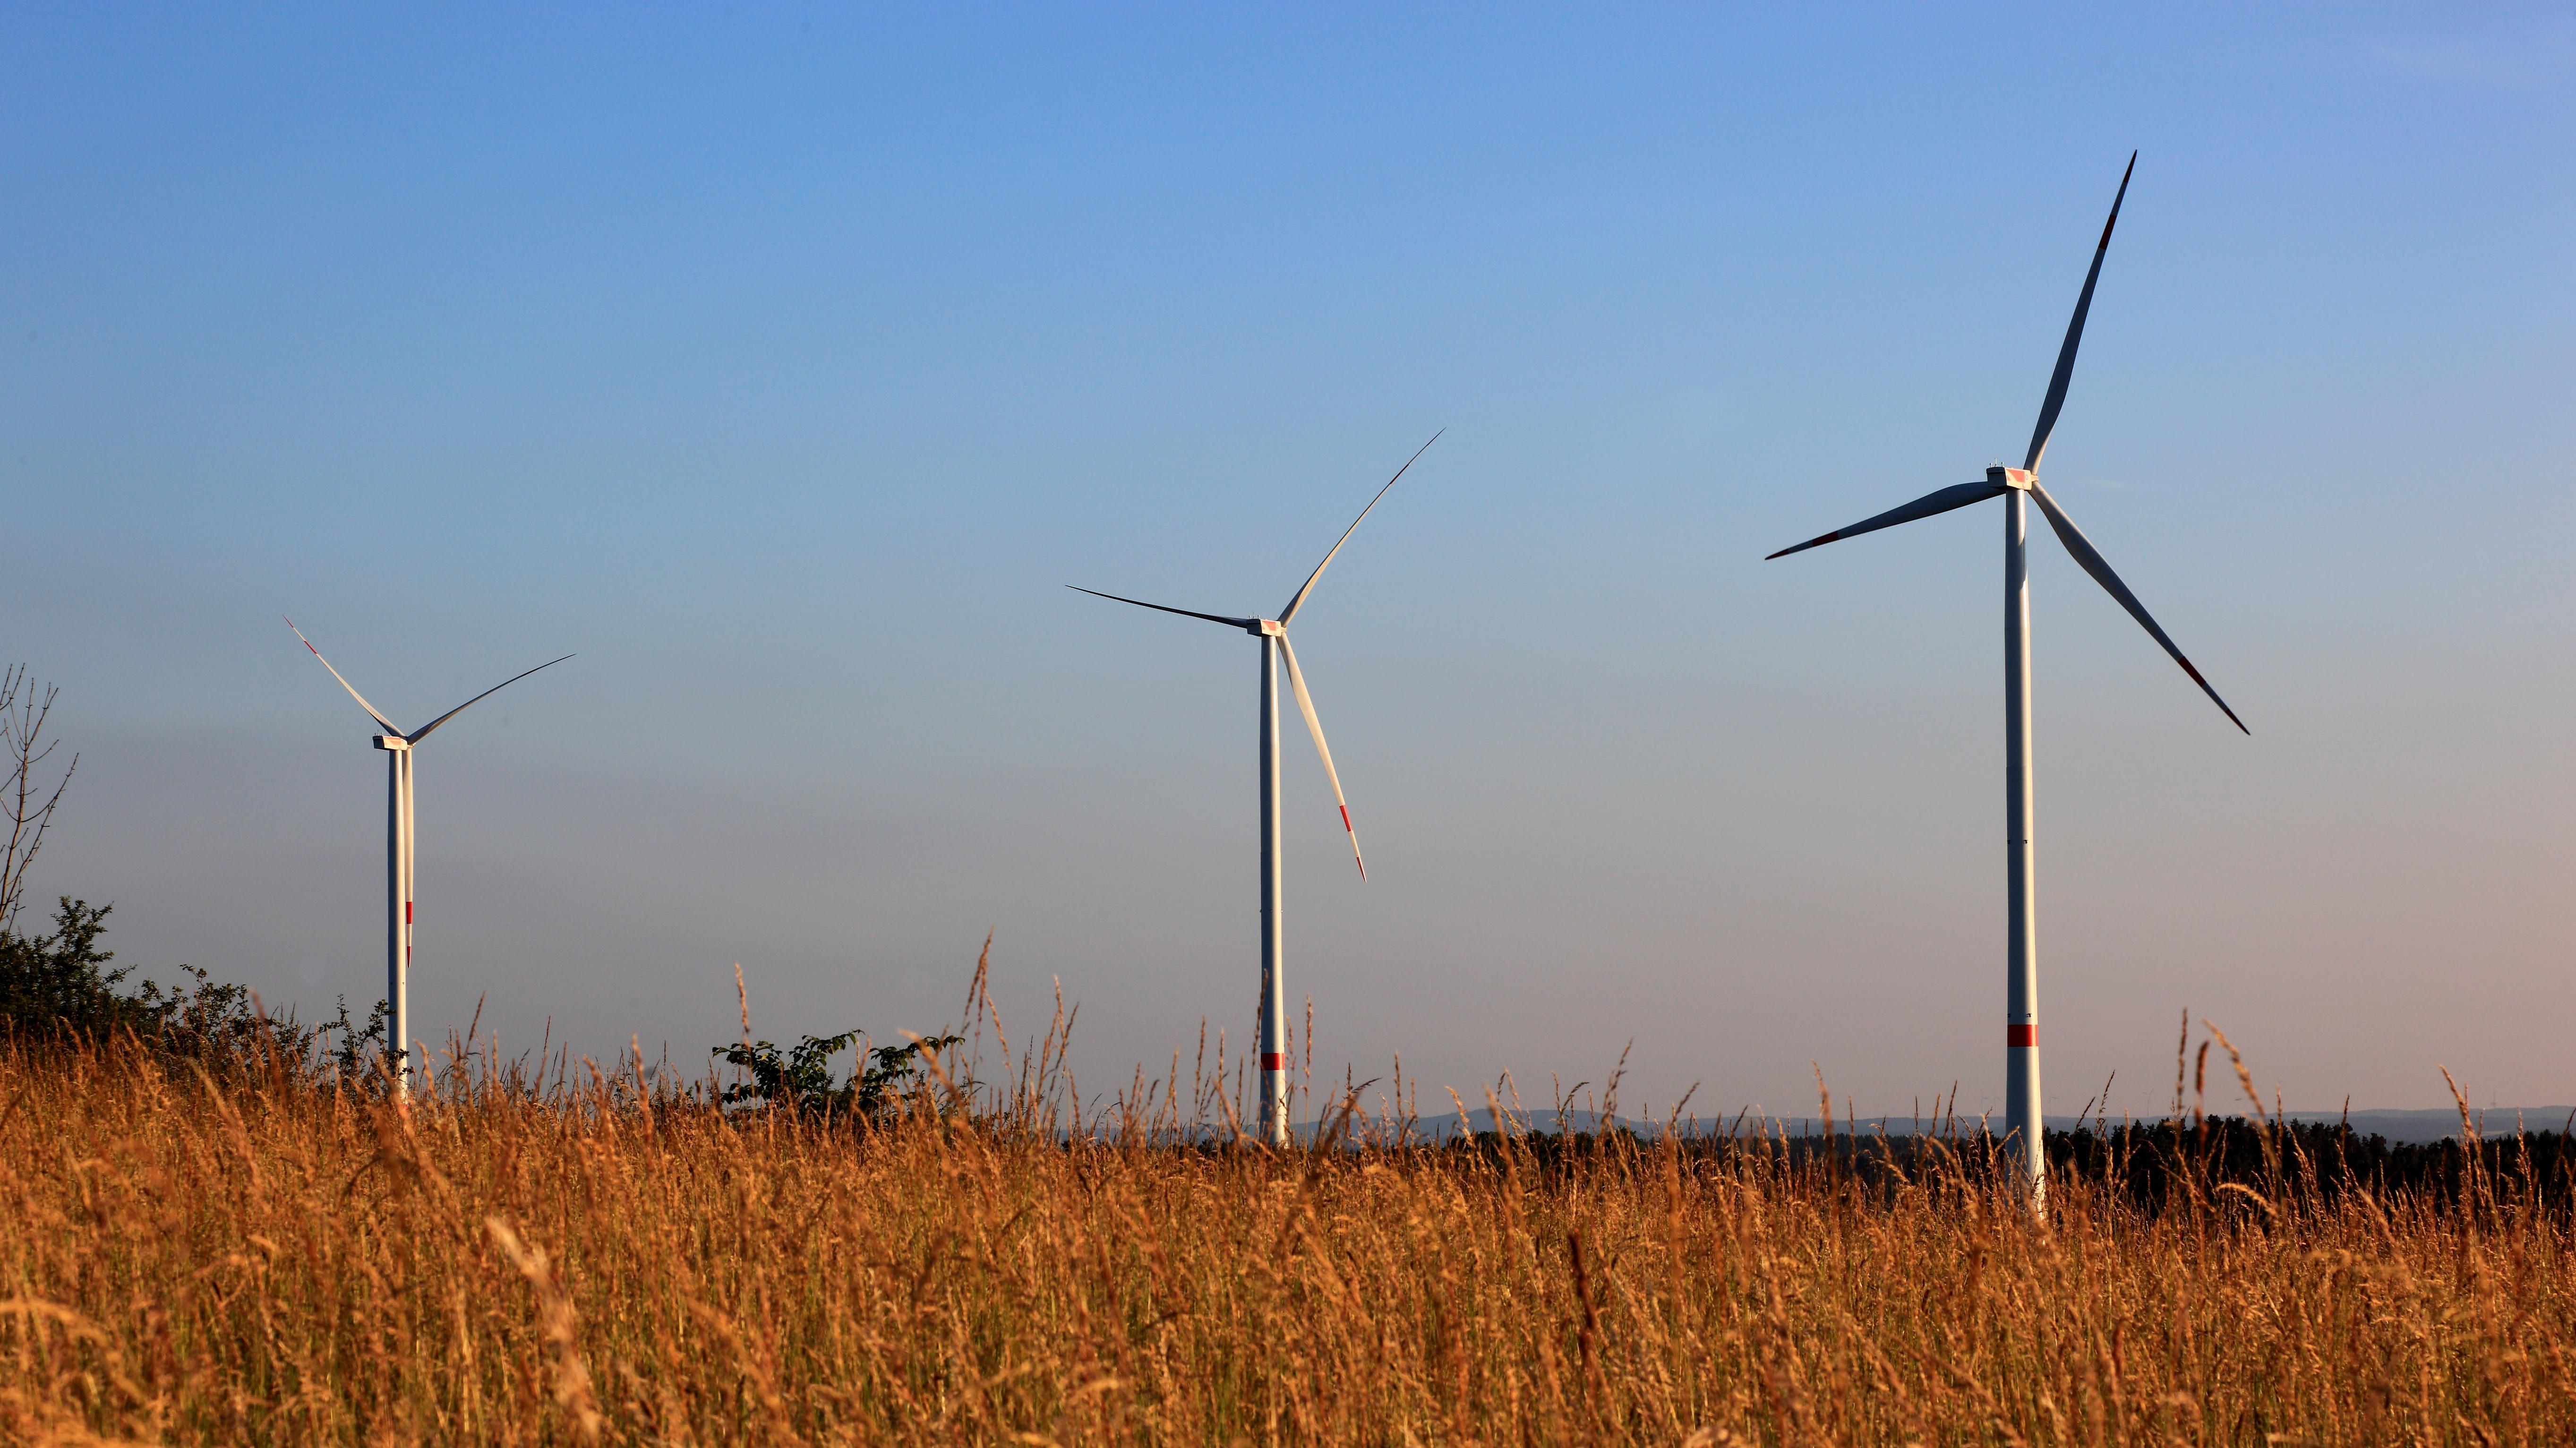 Windräder auf einem Feld in Oberfranken